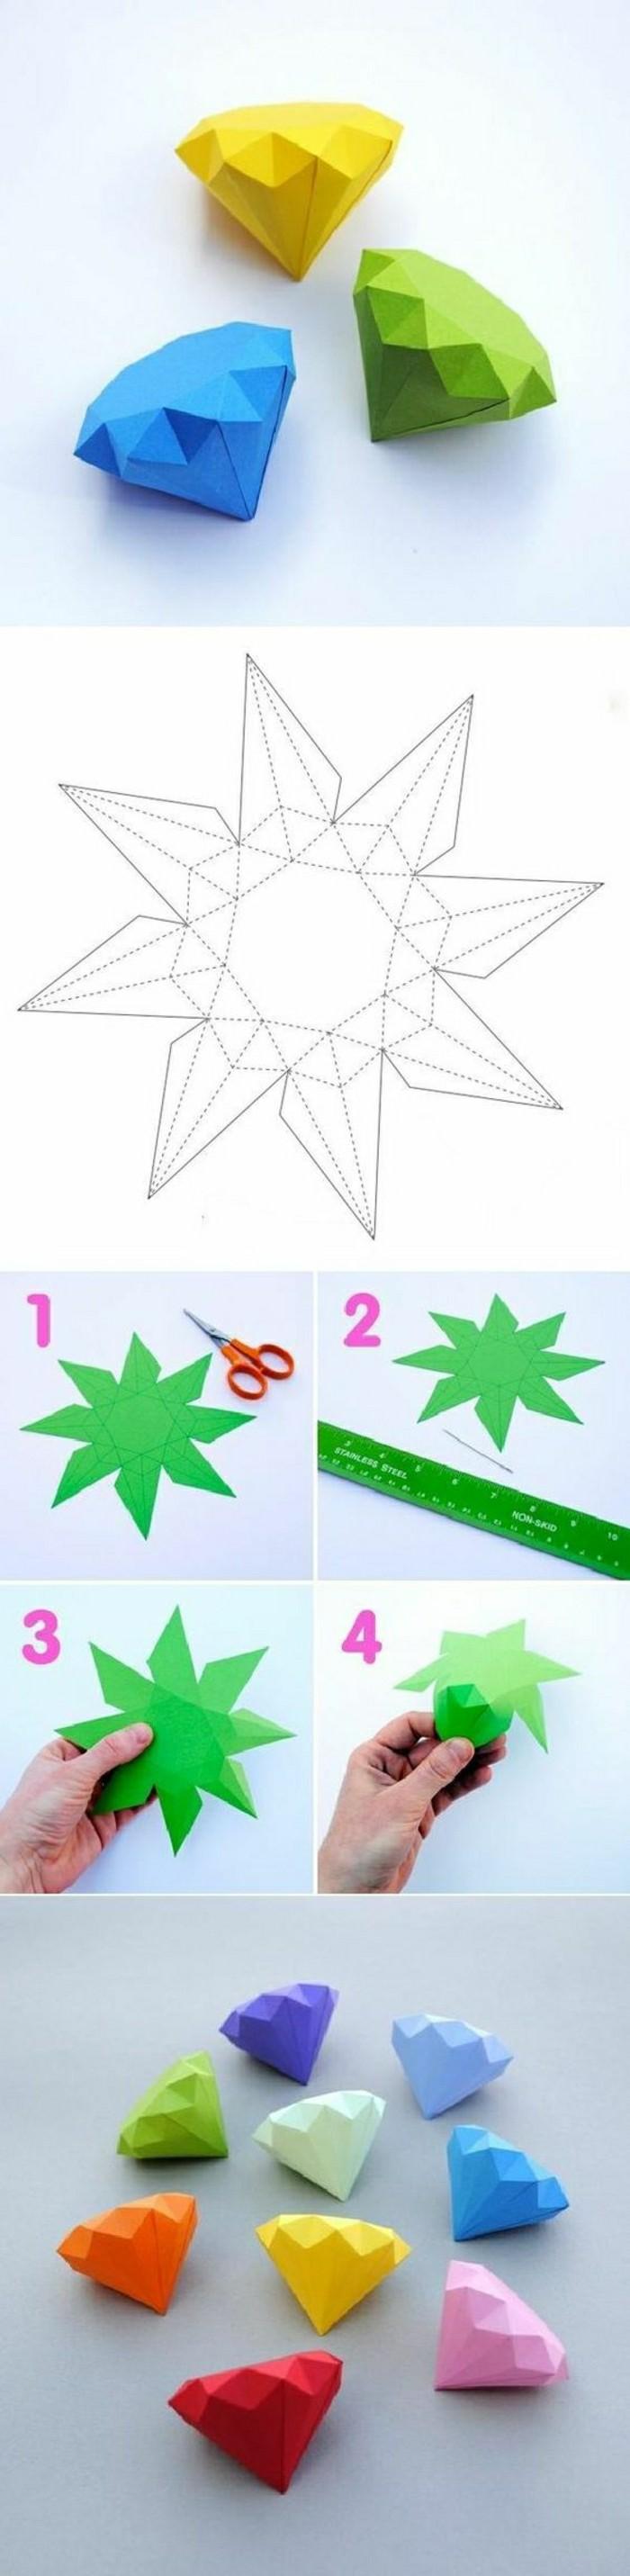 comment faire des origami en papier facile fashion designs. Black Bedroom Furniture Sets. Home Design Ideas